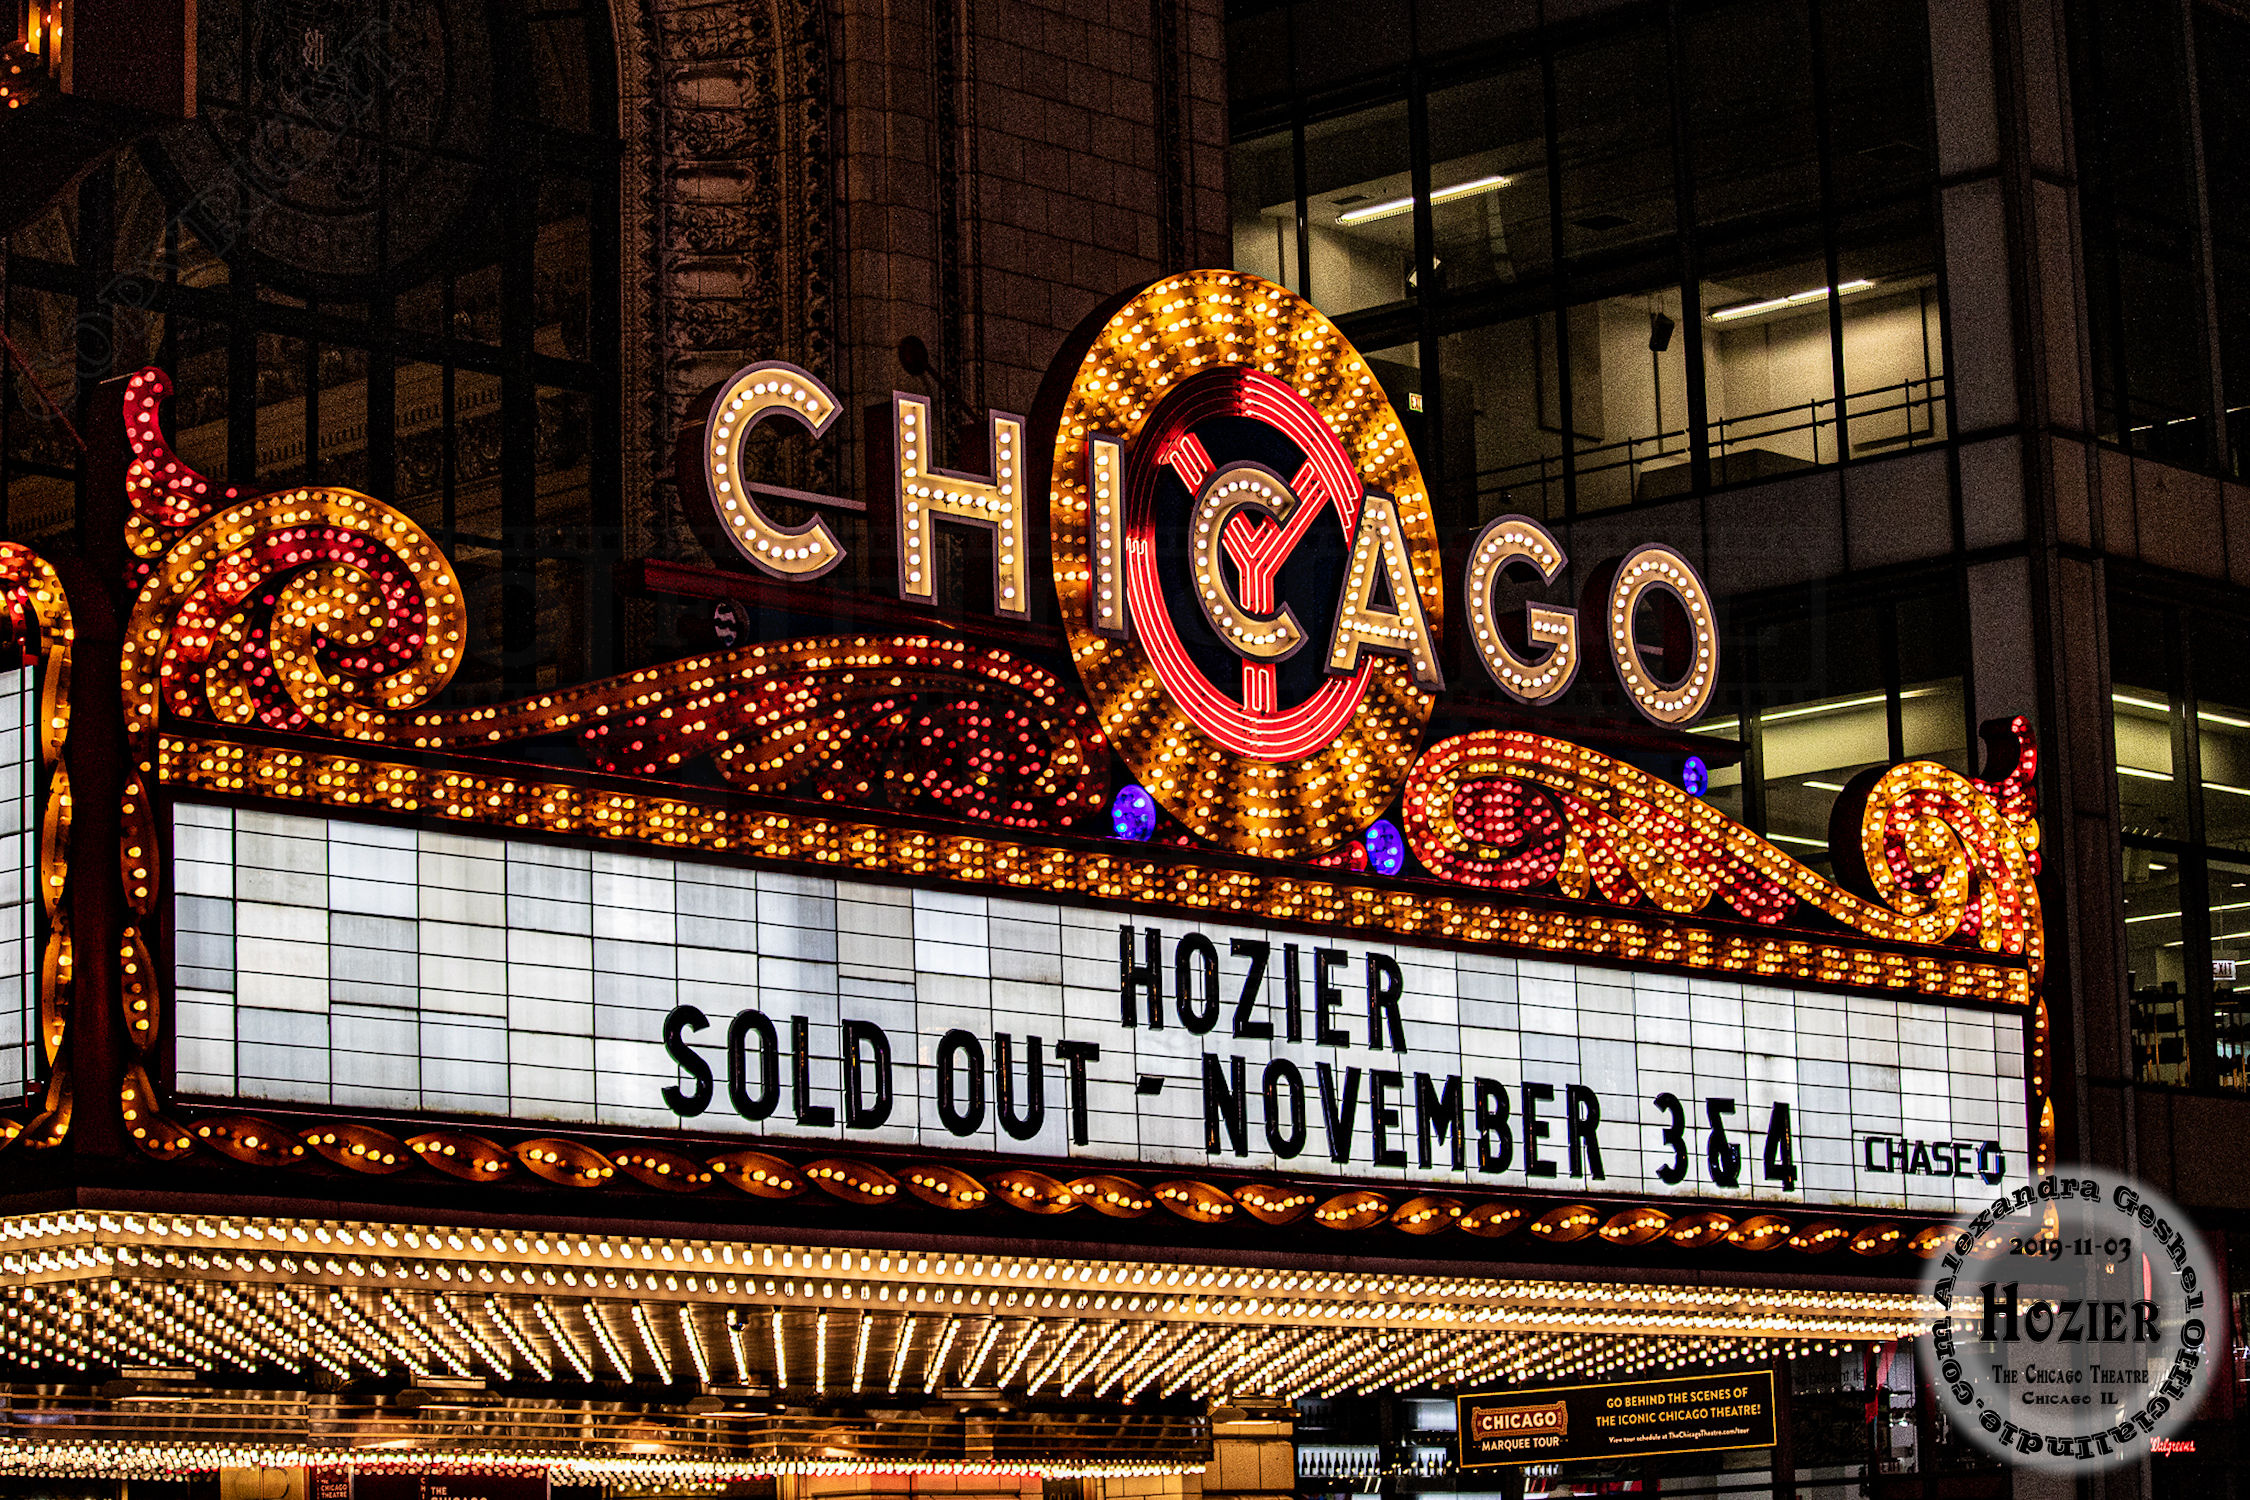 Hozier020